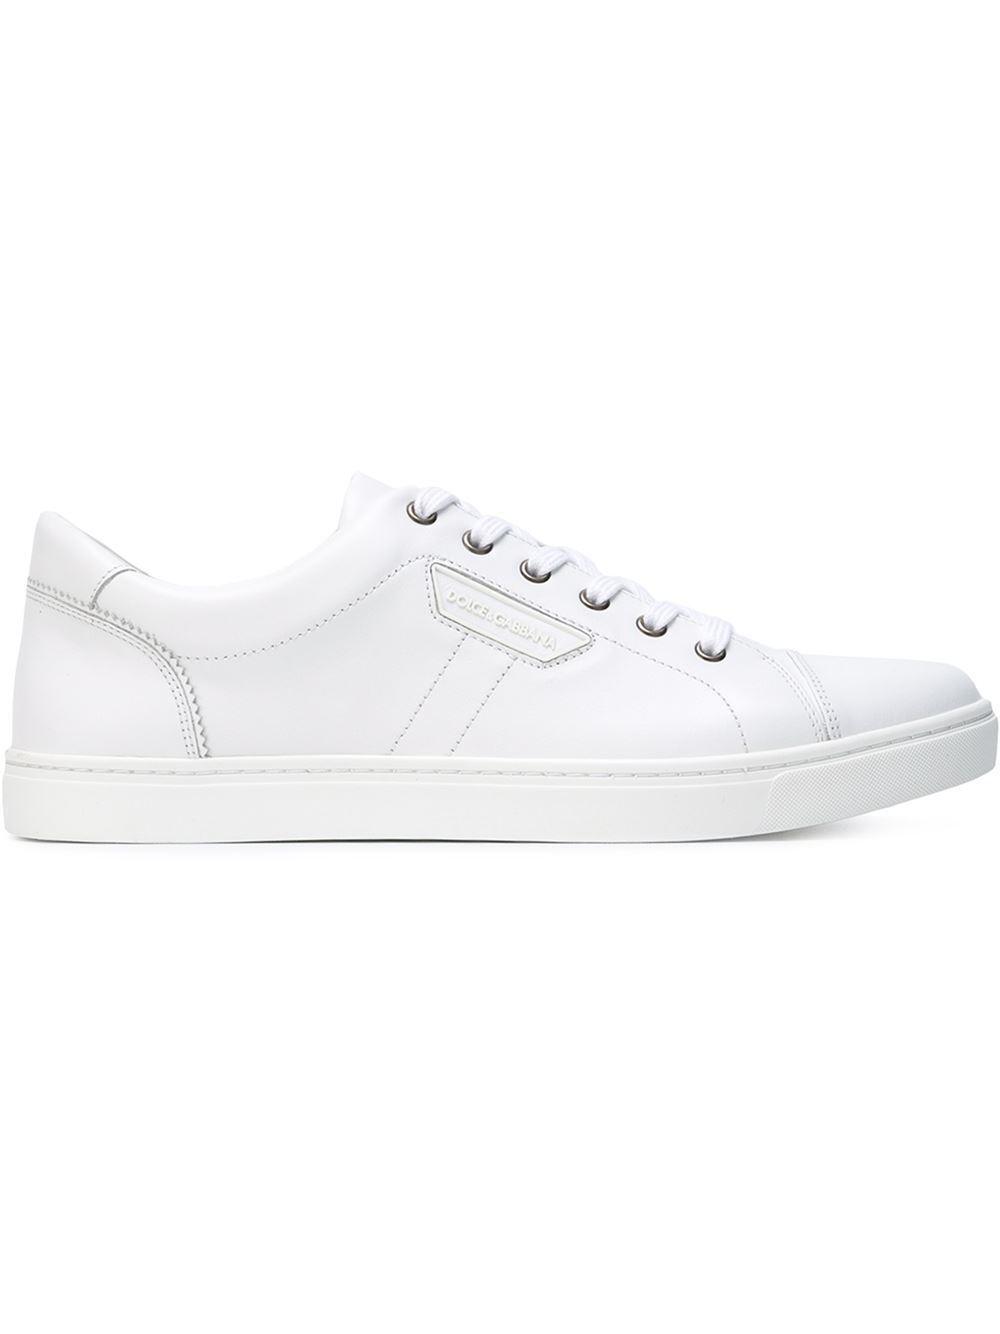 DOLCE & GABBANA Sneakers LONDON D&G 395 Zapatos  hombre  MAN Zapatos  Zapatos 100%AUT PS16 3b8eaa